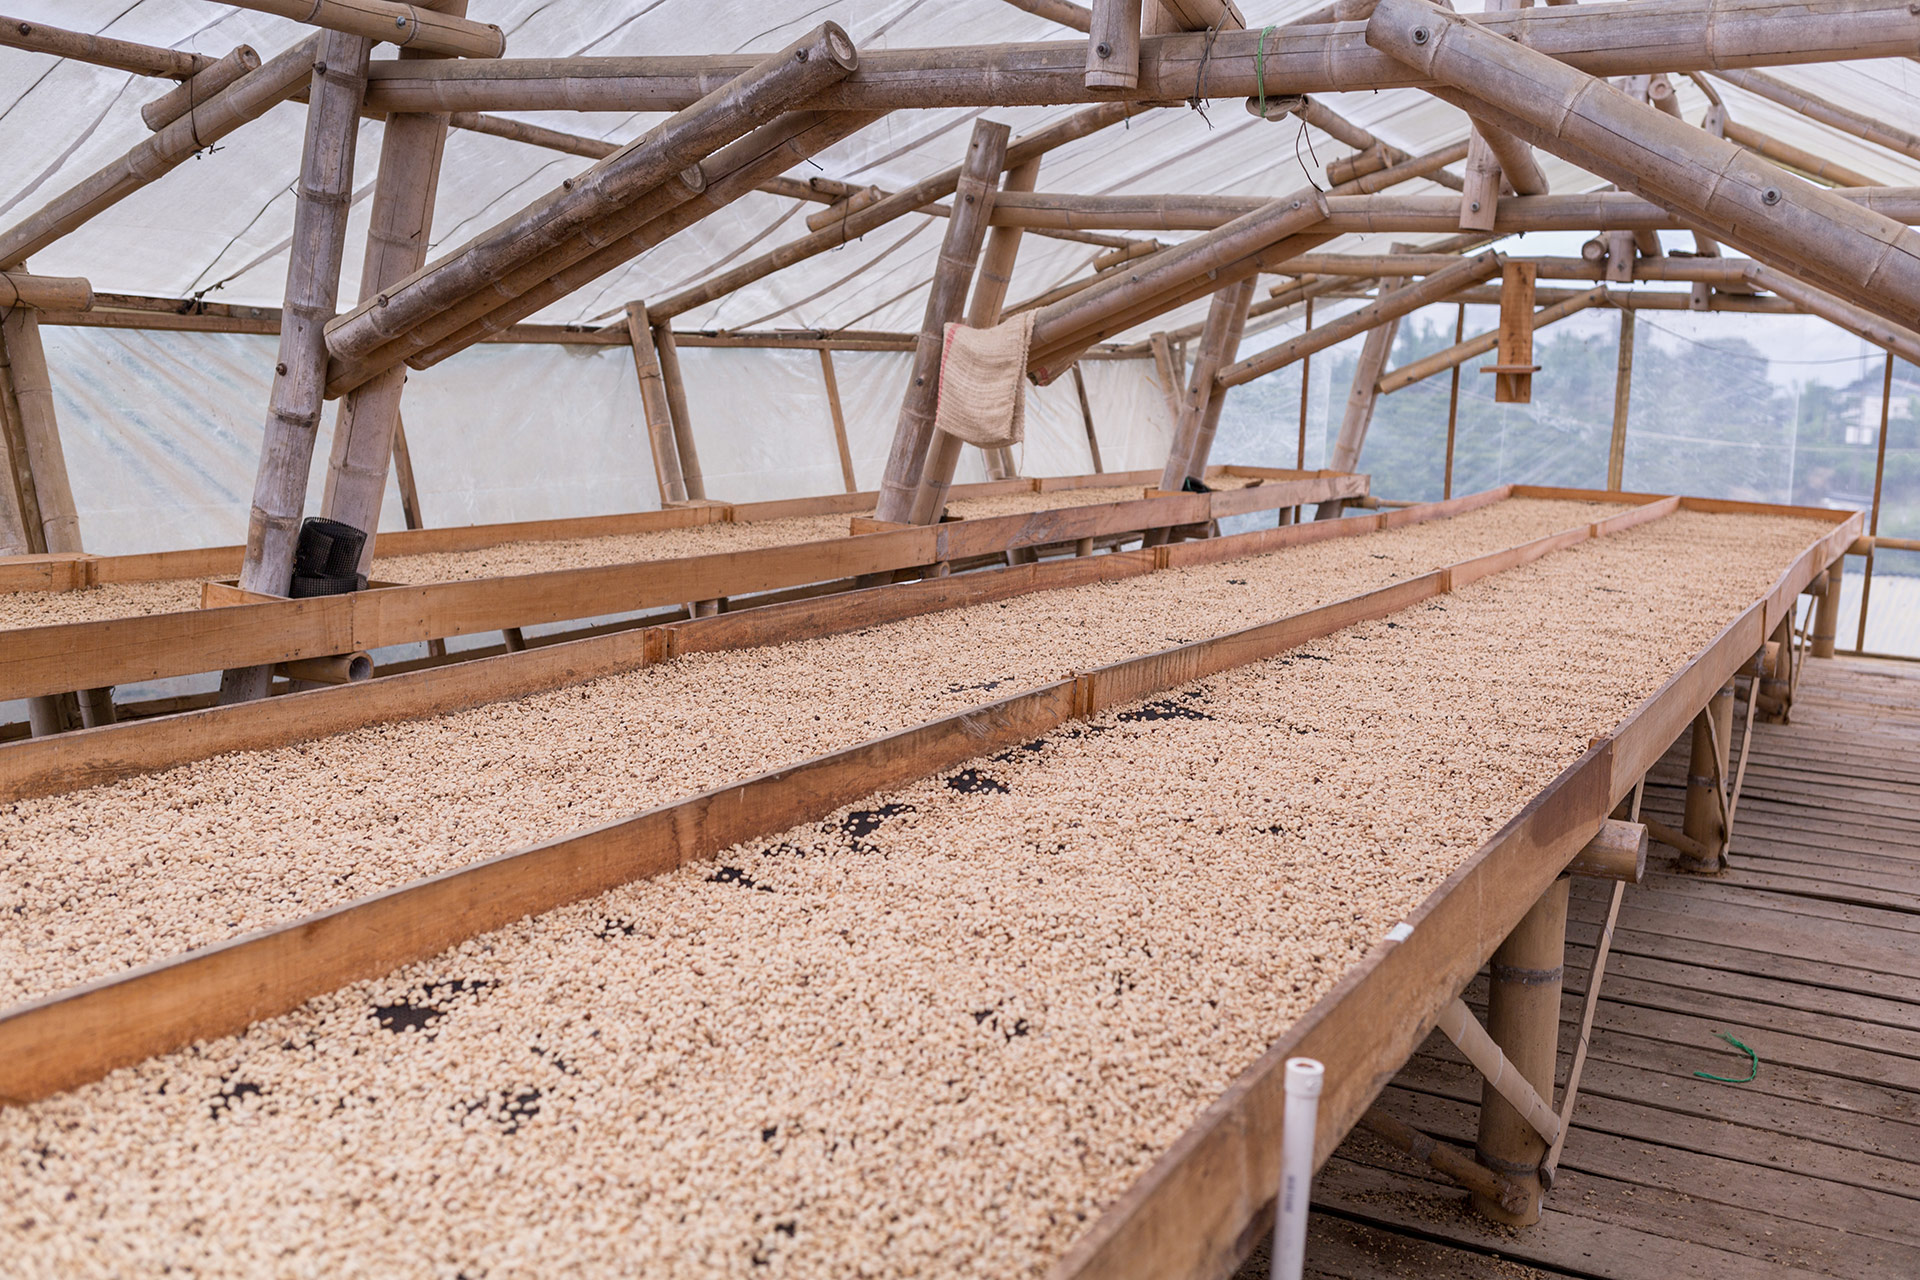 Kaffeebohnengröße: Bohnen beim Trocknen